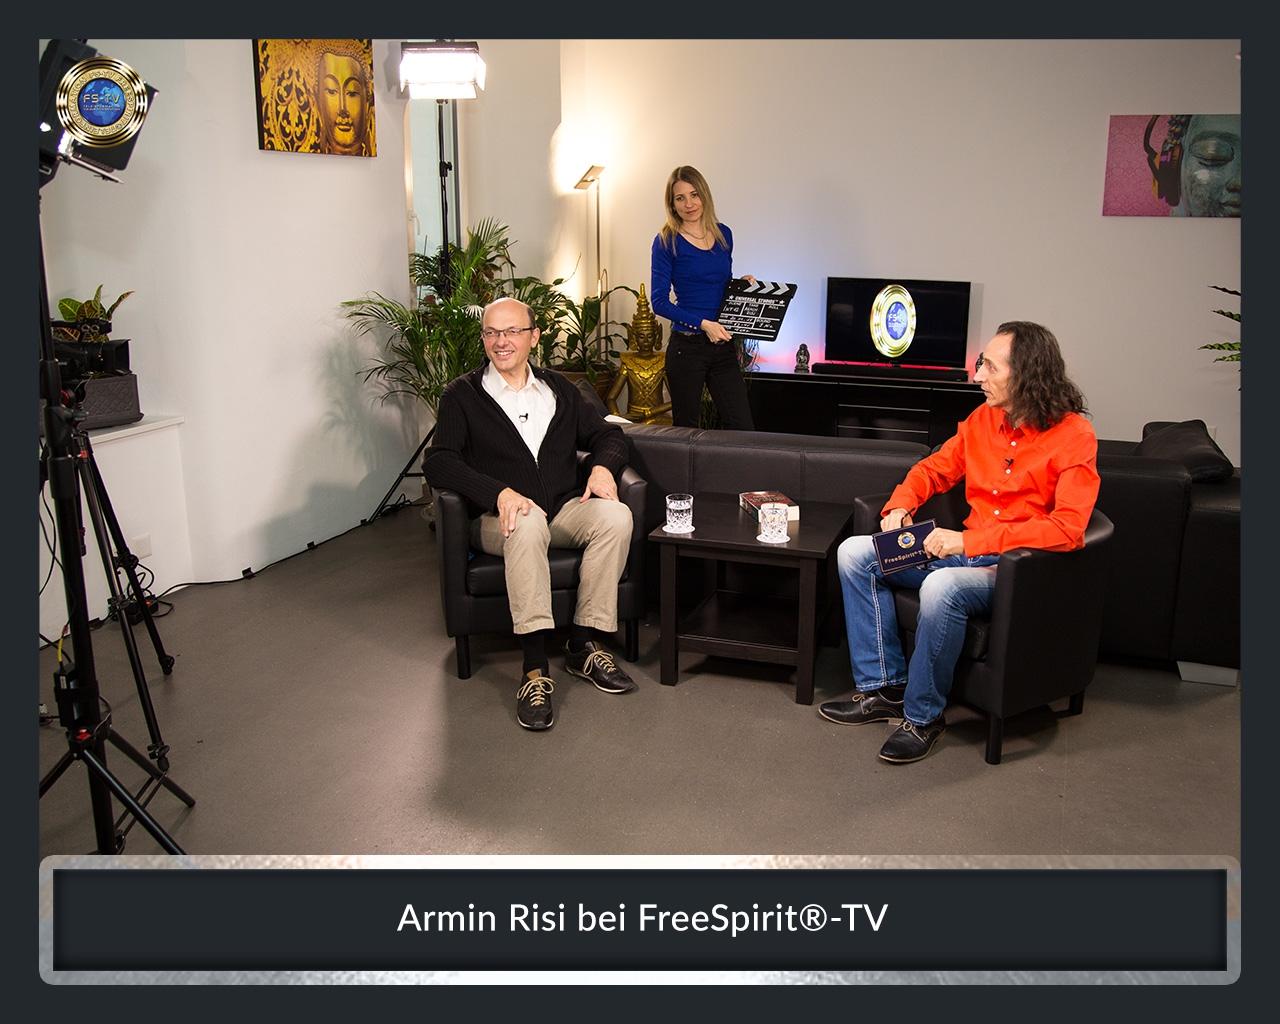 FS-TV-Bildergallerie-Armin-Risi3